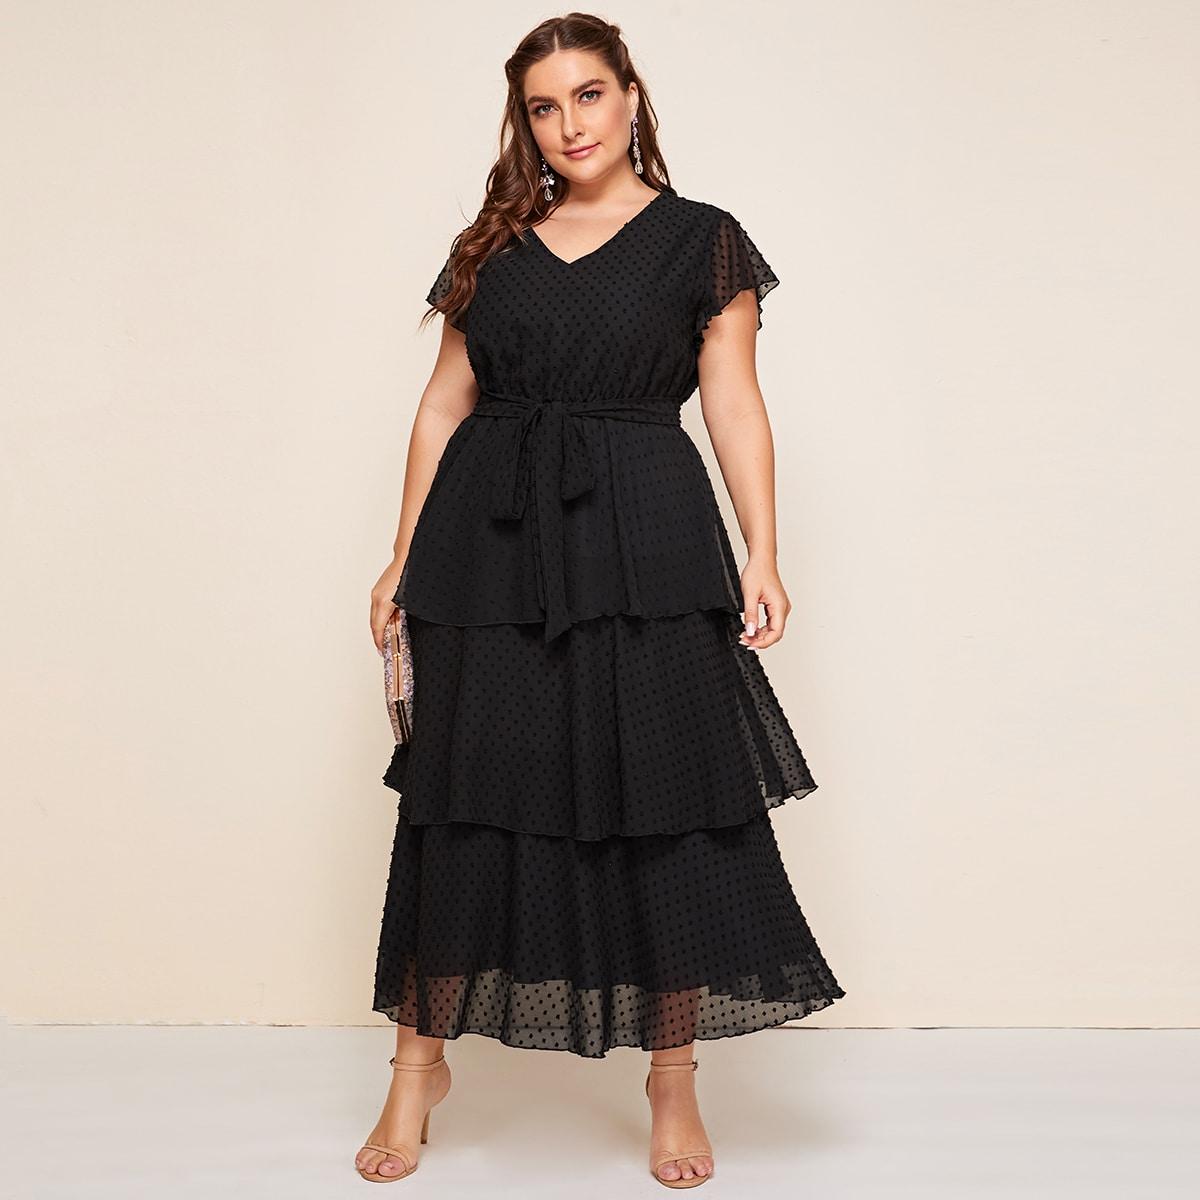 Стильное платье с поясом размера плюс фото